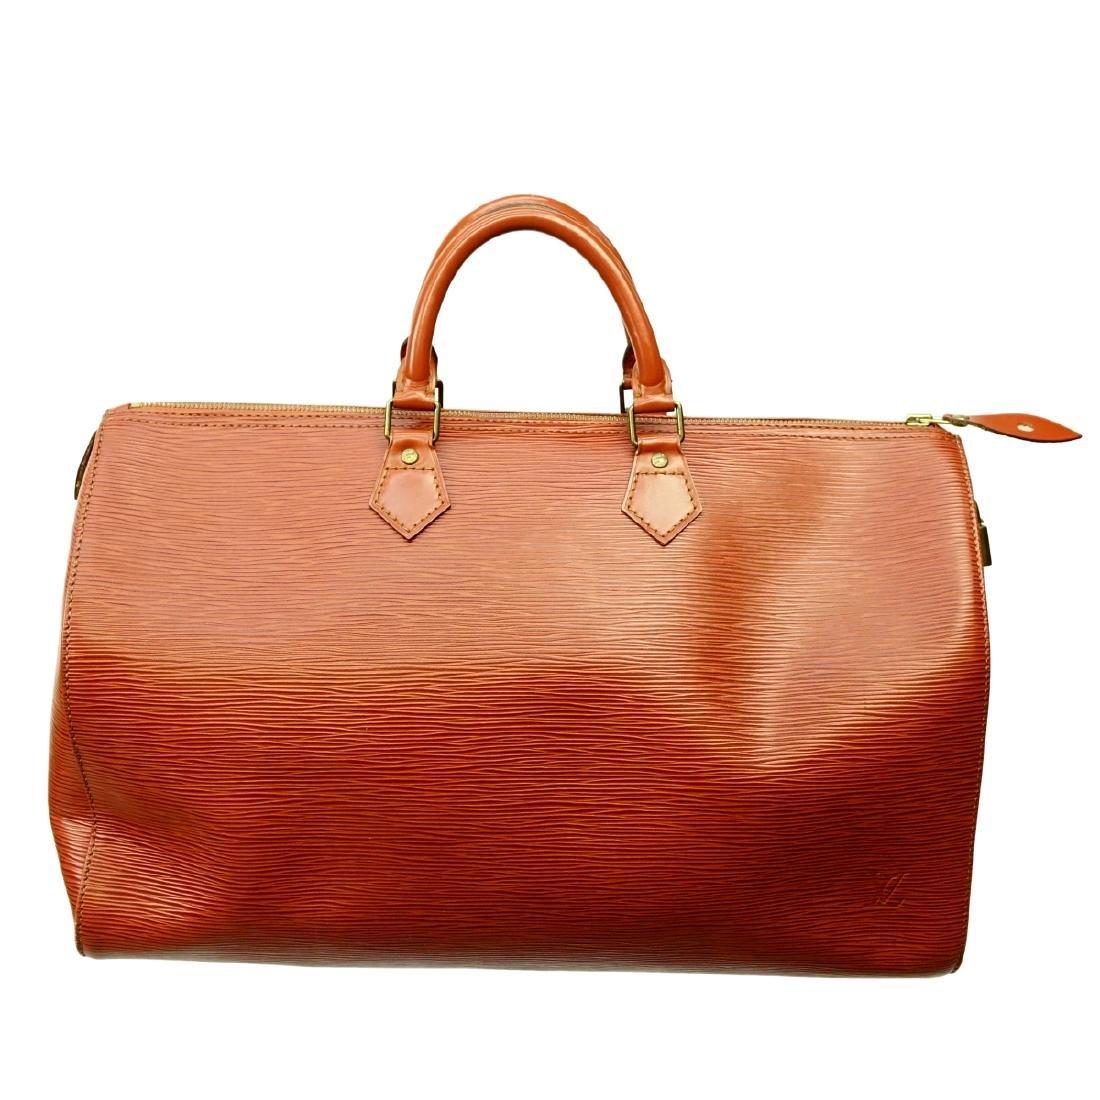 Louis Vuitton Tan Epi Leather Speedy 40 Bag - 2